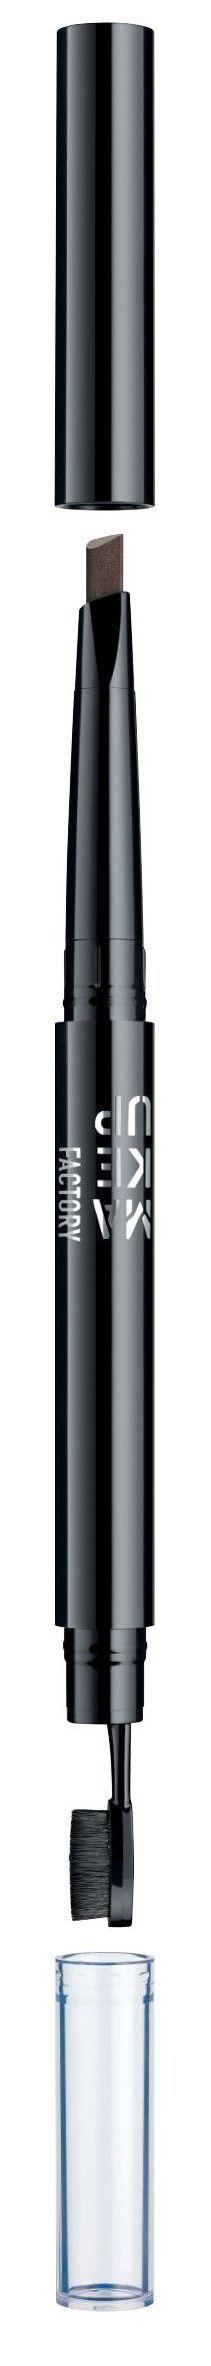 Купить MAKE UP FACTORY Карандаш автоматический для бровей, 10 темная Сепия / Triangle Brow Styler 0, 25 г